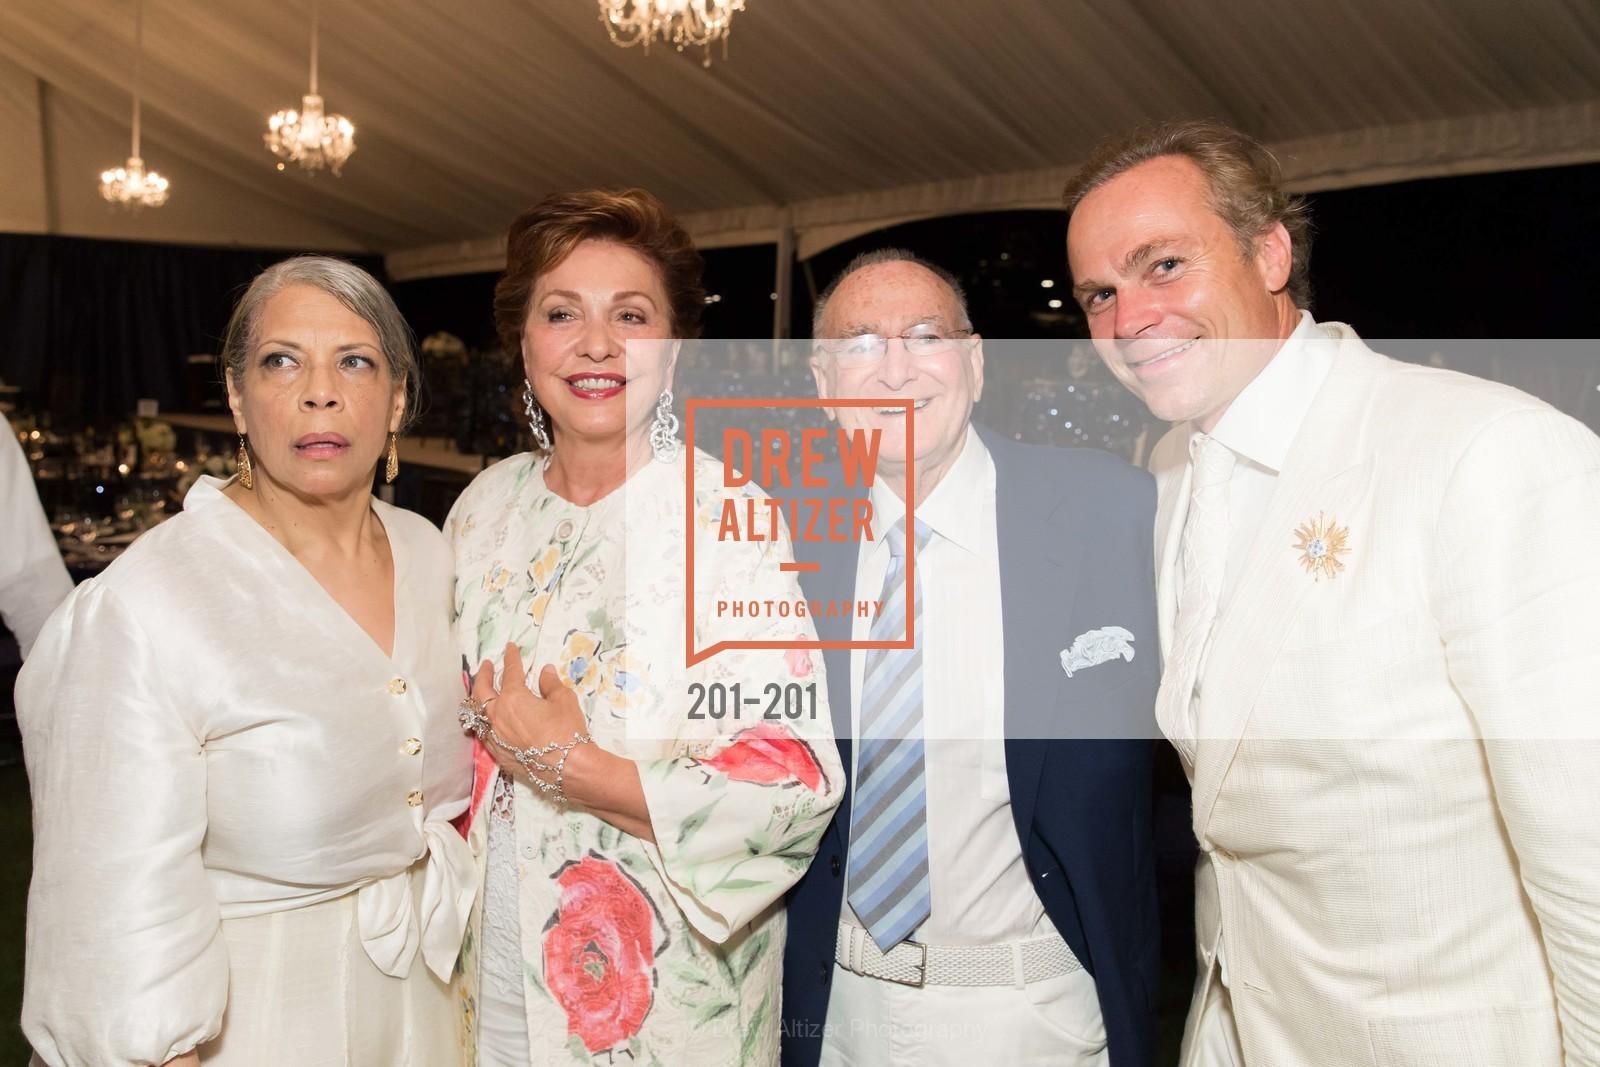 Patti Austin, Maria Manetti Shrem, Jan Shrem, Jean-Charles Boisset, Photo #201-201